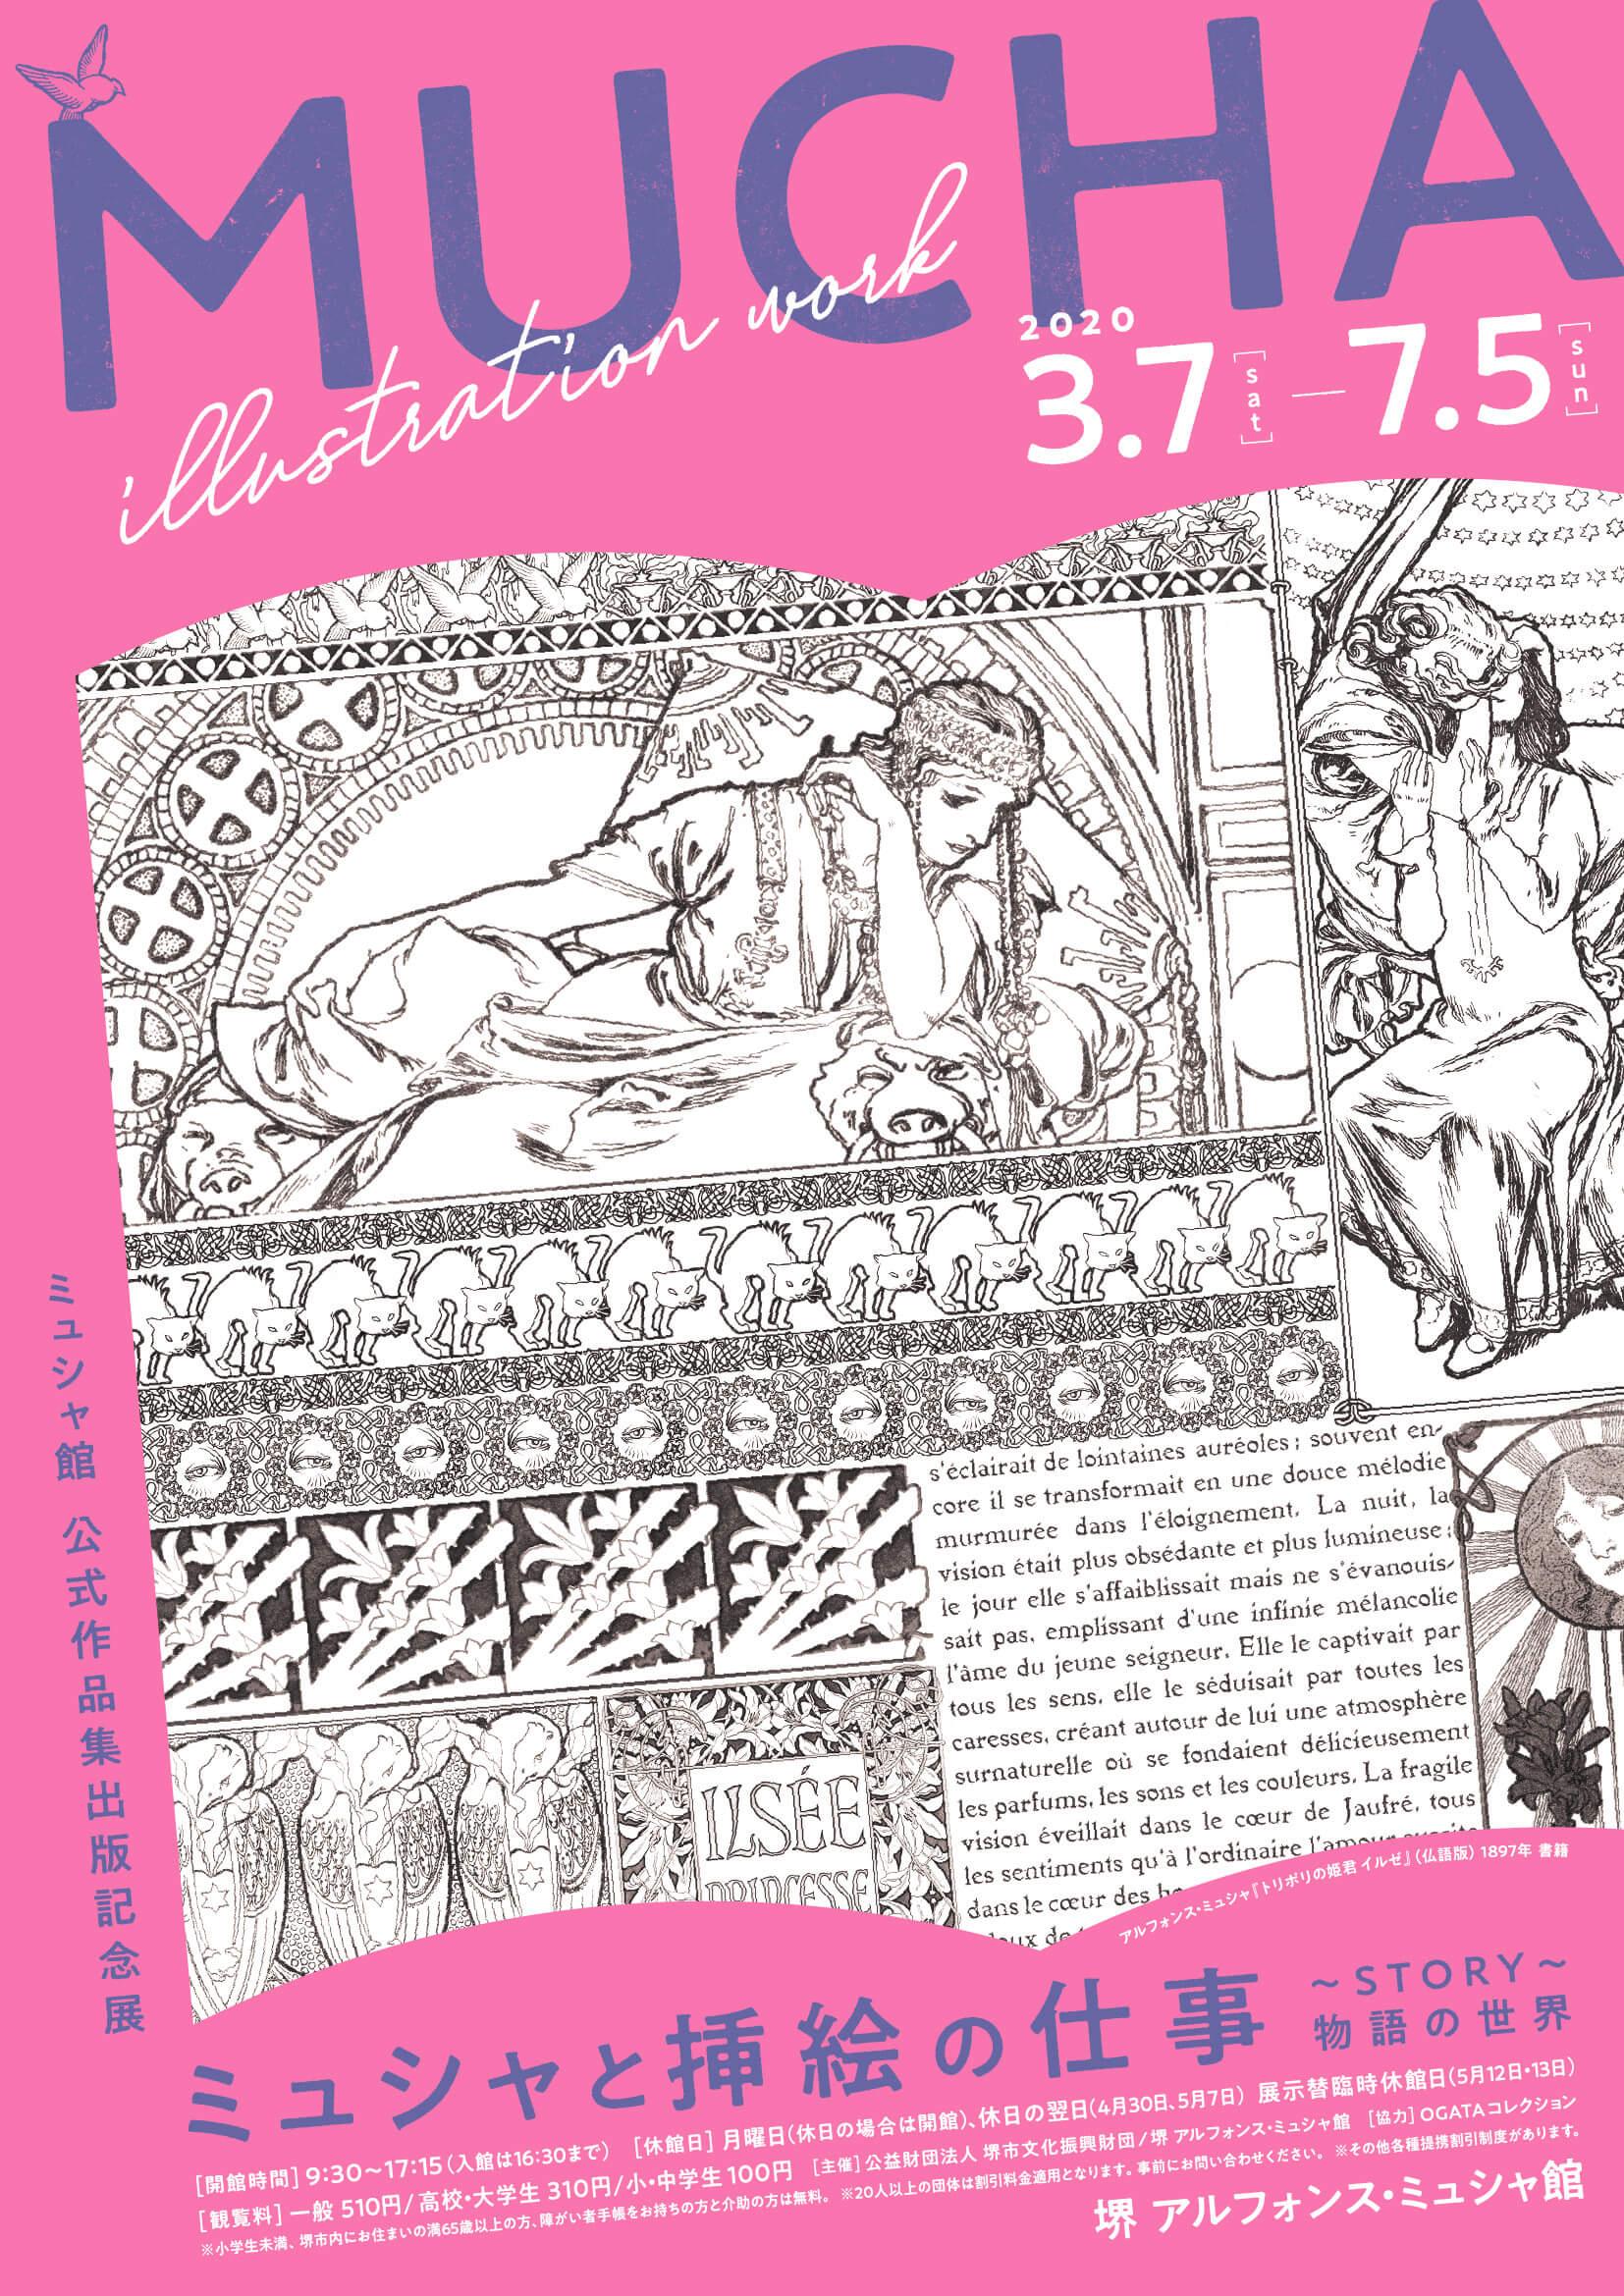 【5月16日(土)より開館中!】ミュシャ館 公式作品集出版記念展 ミュシャと挿絵の仕事~STORY~物語の世界